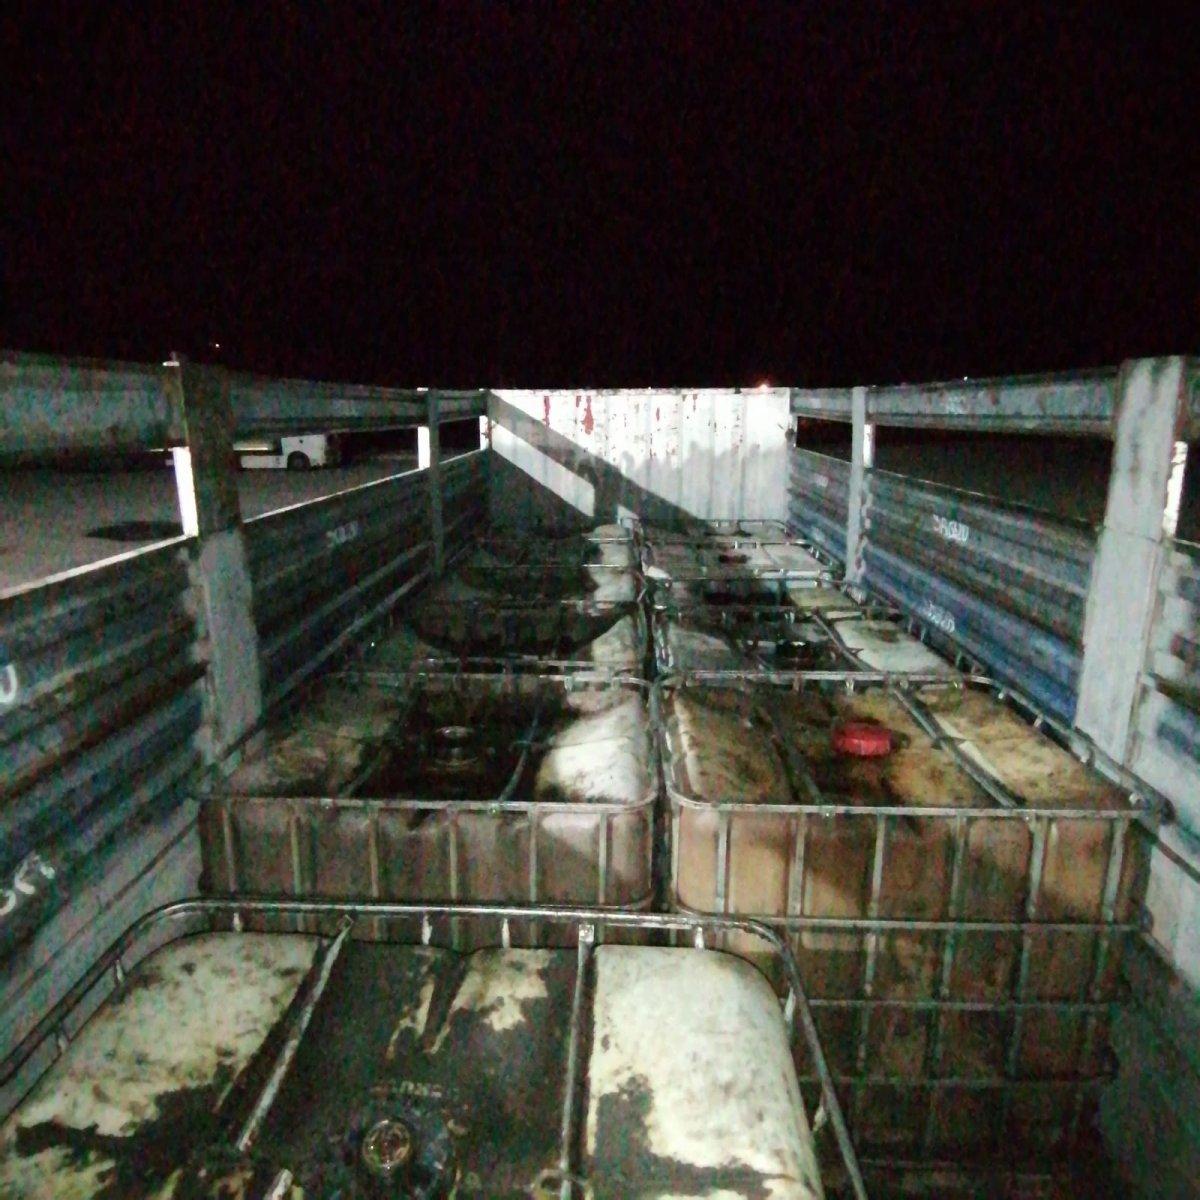 Niğde'deki oto lastik dükkanında 10 ton kaçak akaryakıt ele geçirildi #2